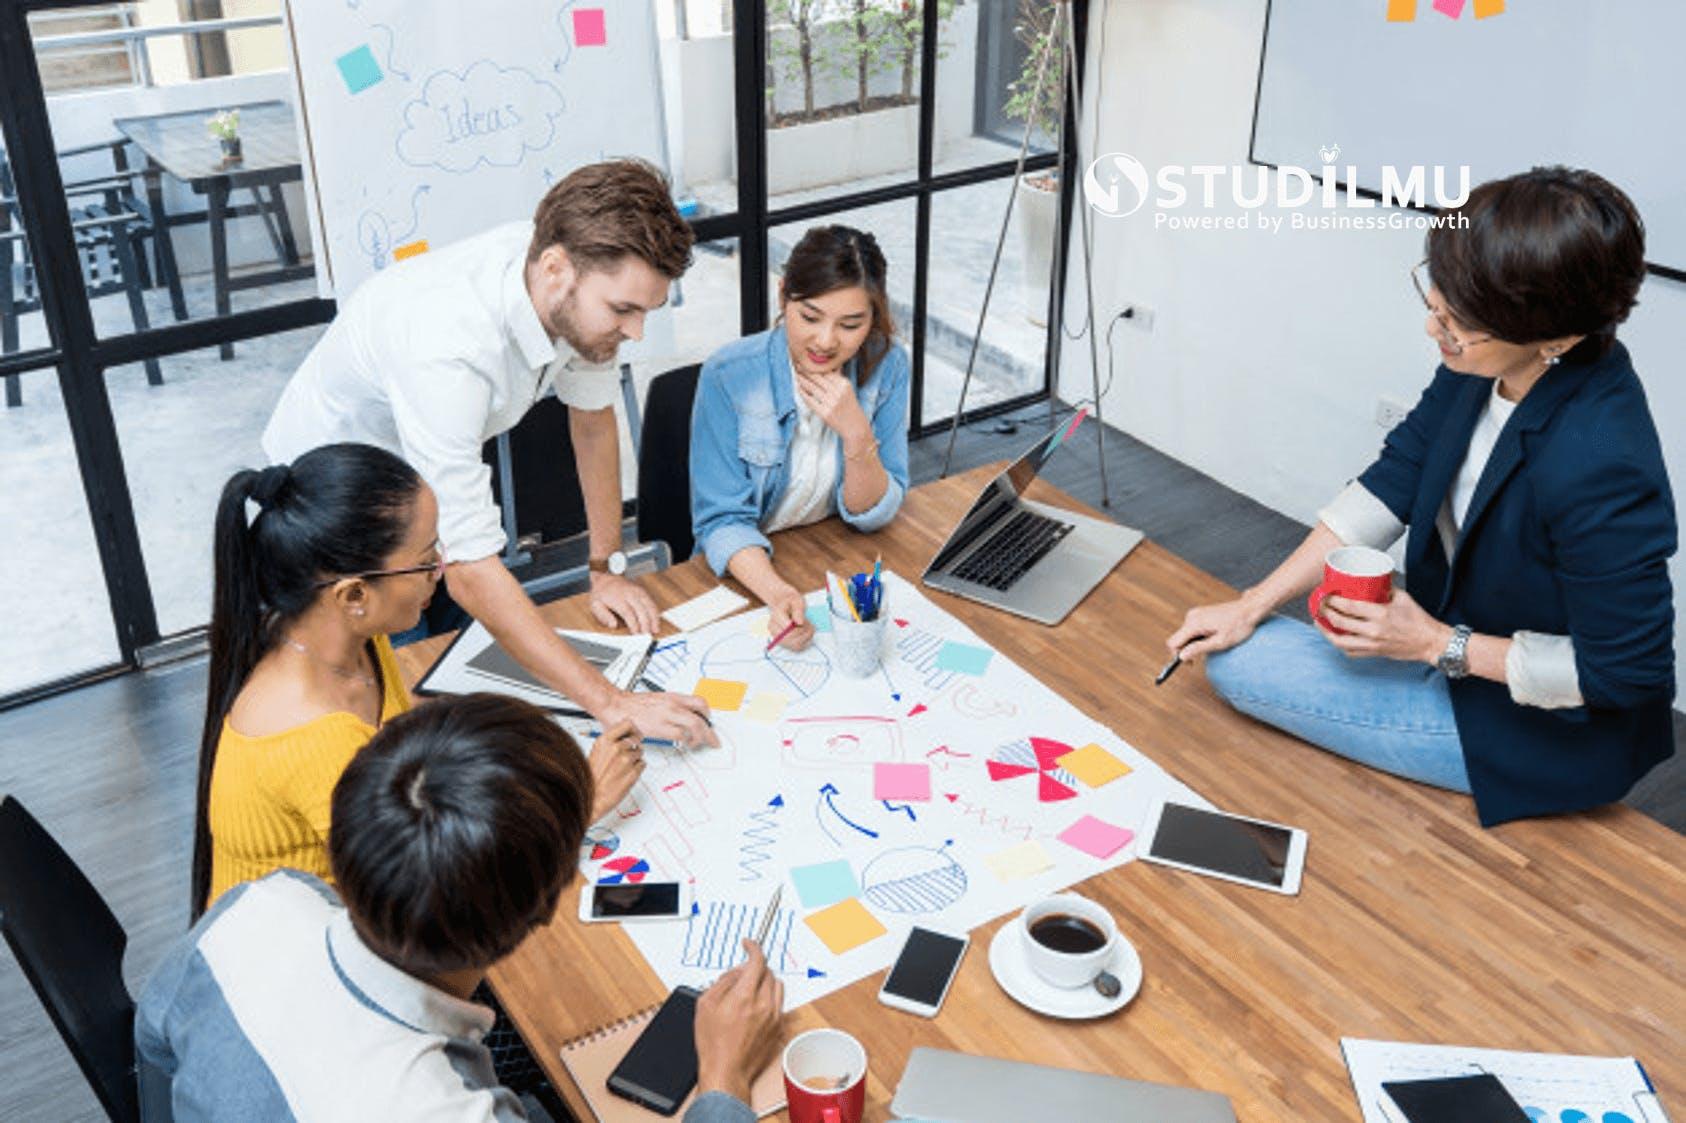 STUDILMU Career Advice - Rapat Kerja dengan Keberagaman Suku Bangsa